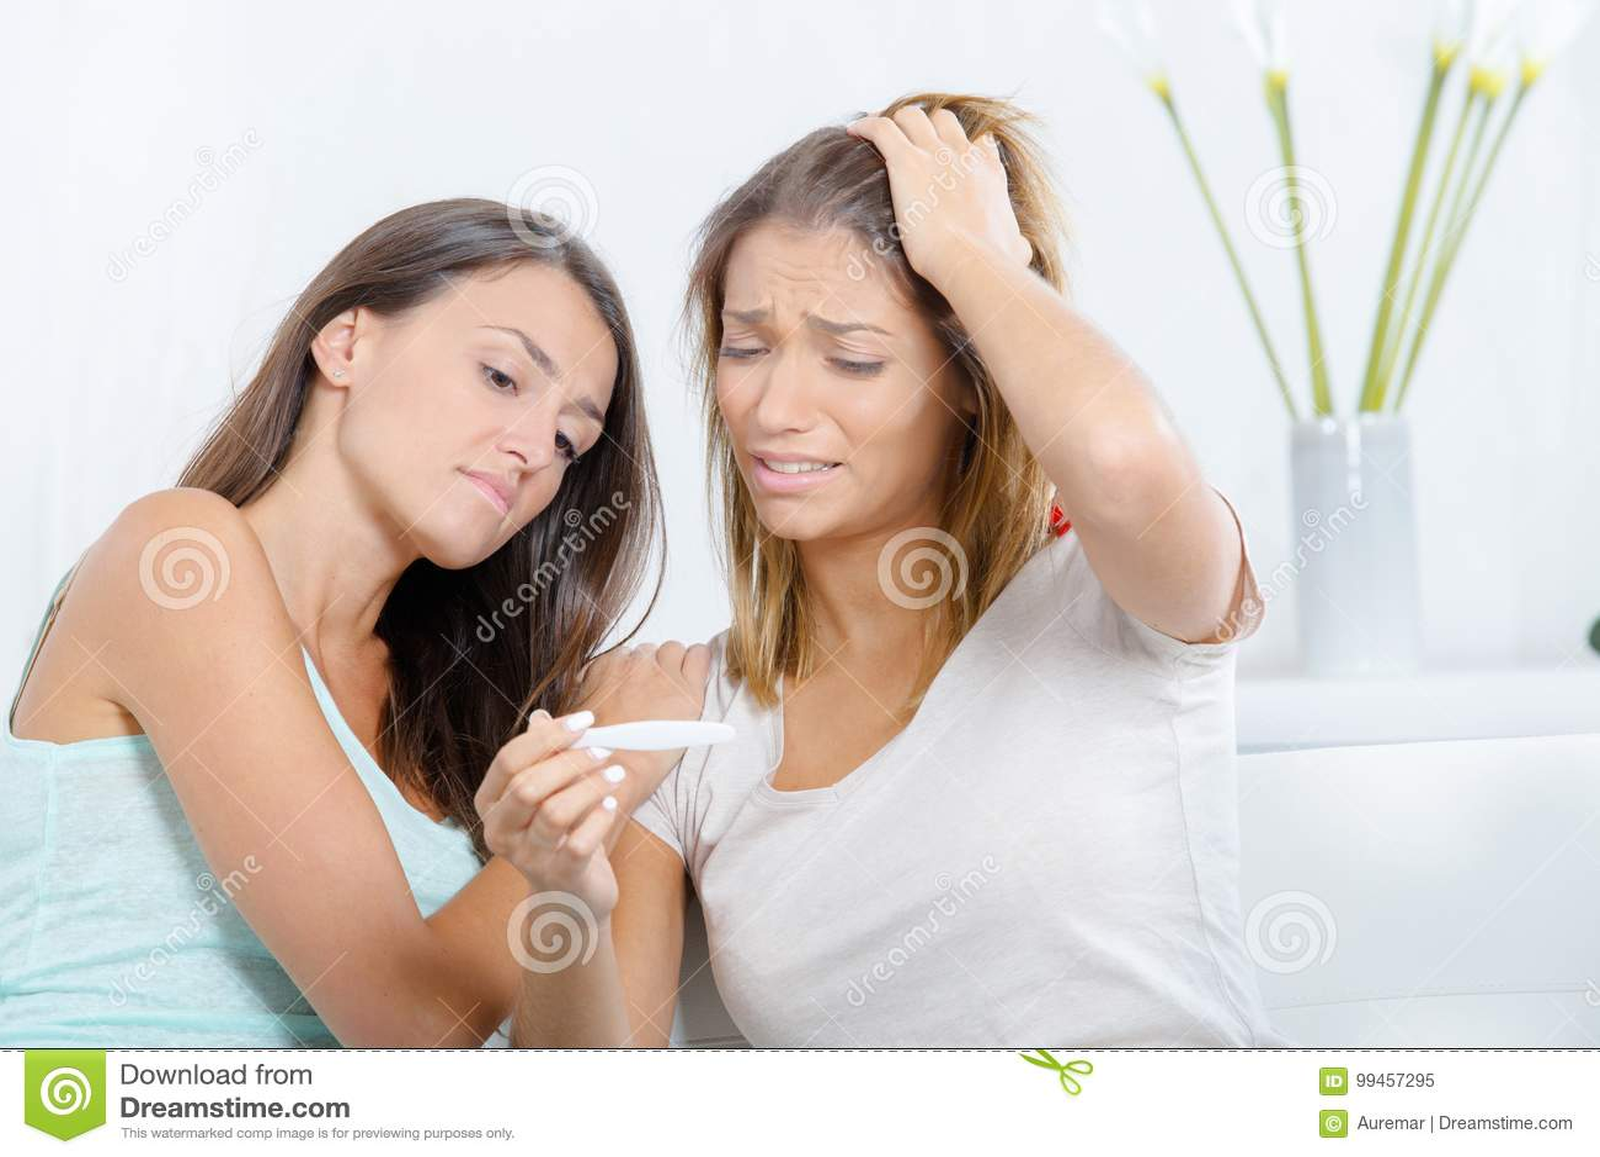 Arab sexy girls fuking potos